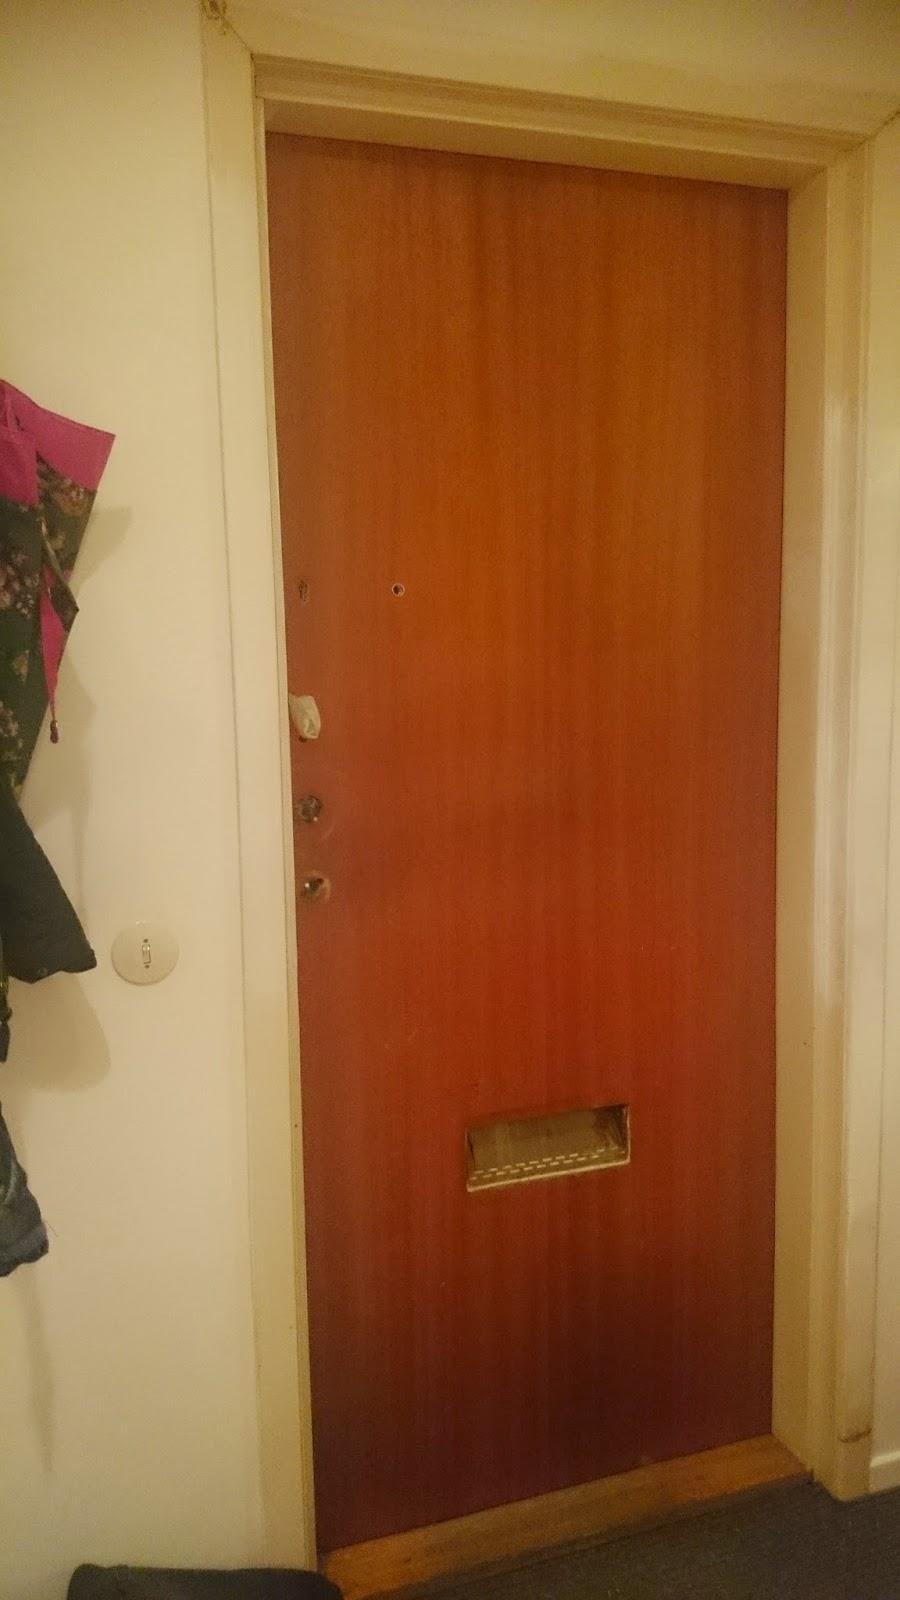 Släng dig i väggen, Ernst!: Måla garderobsdörrar och ytterdörr